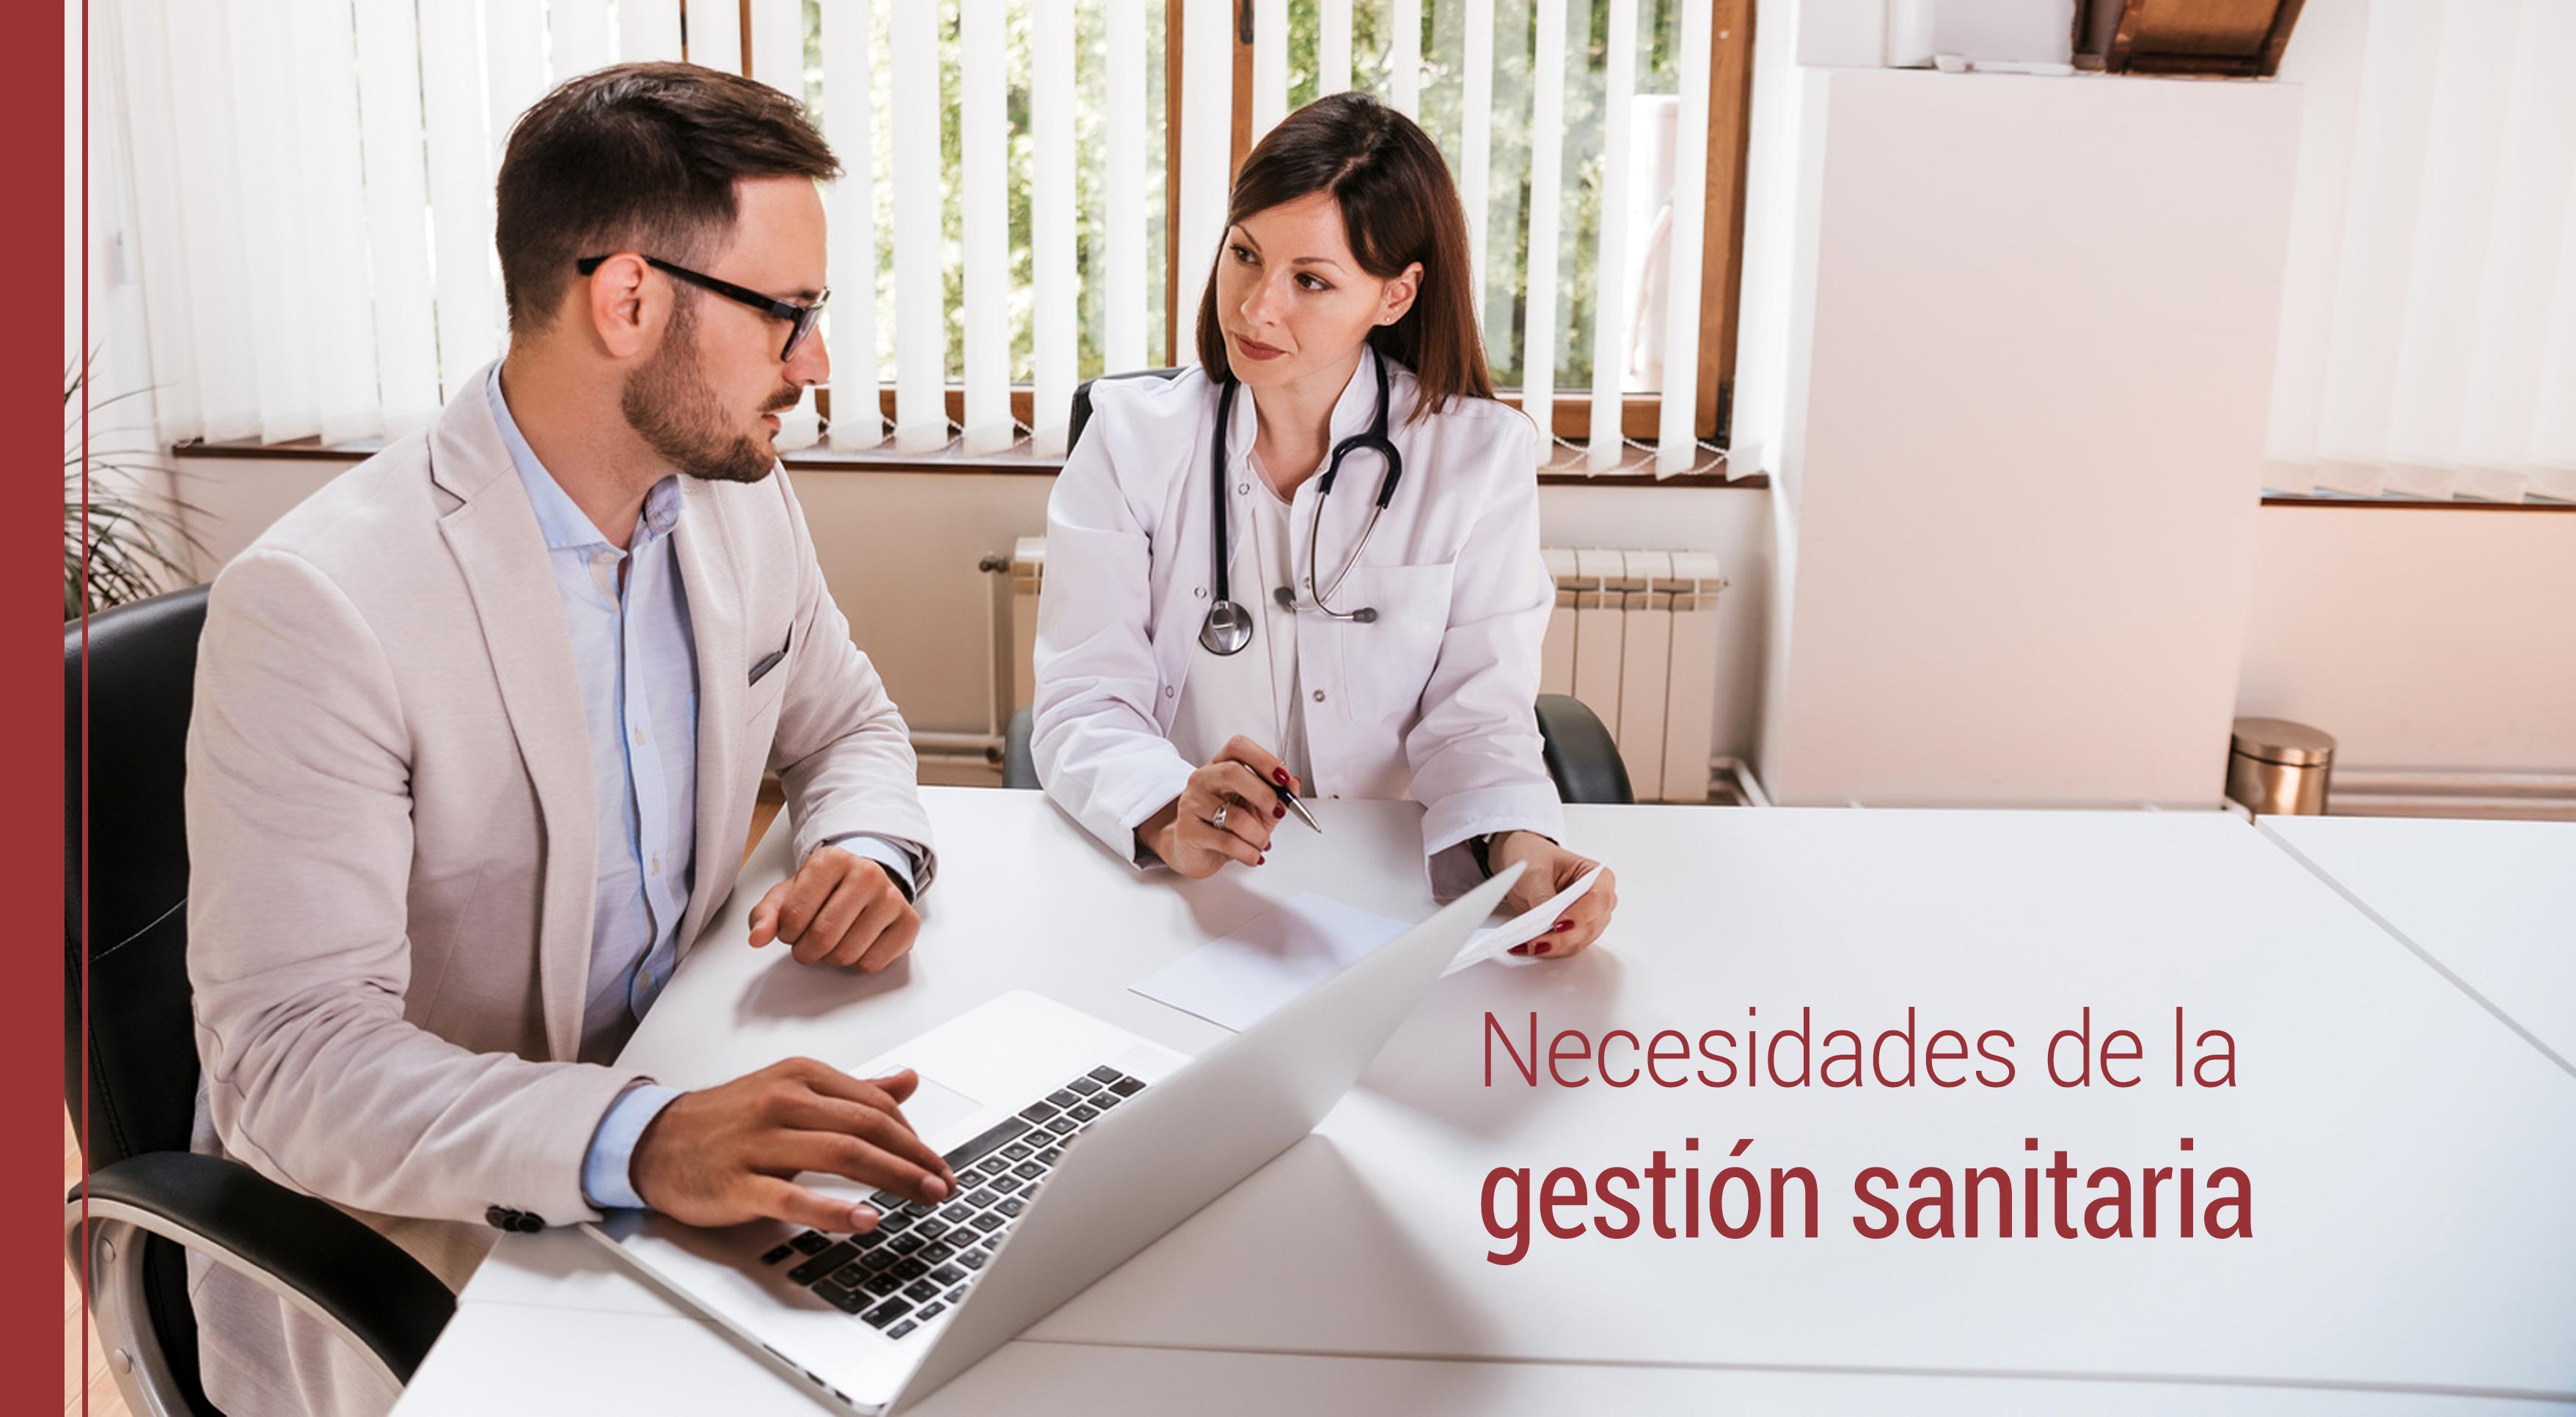 Qué necesidades hay en la gestión sanitaria